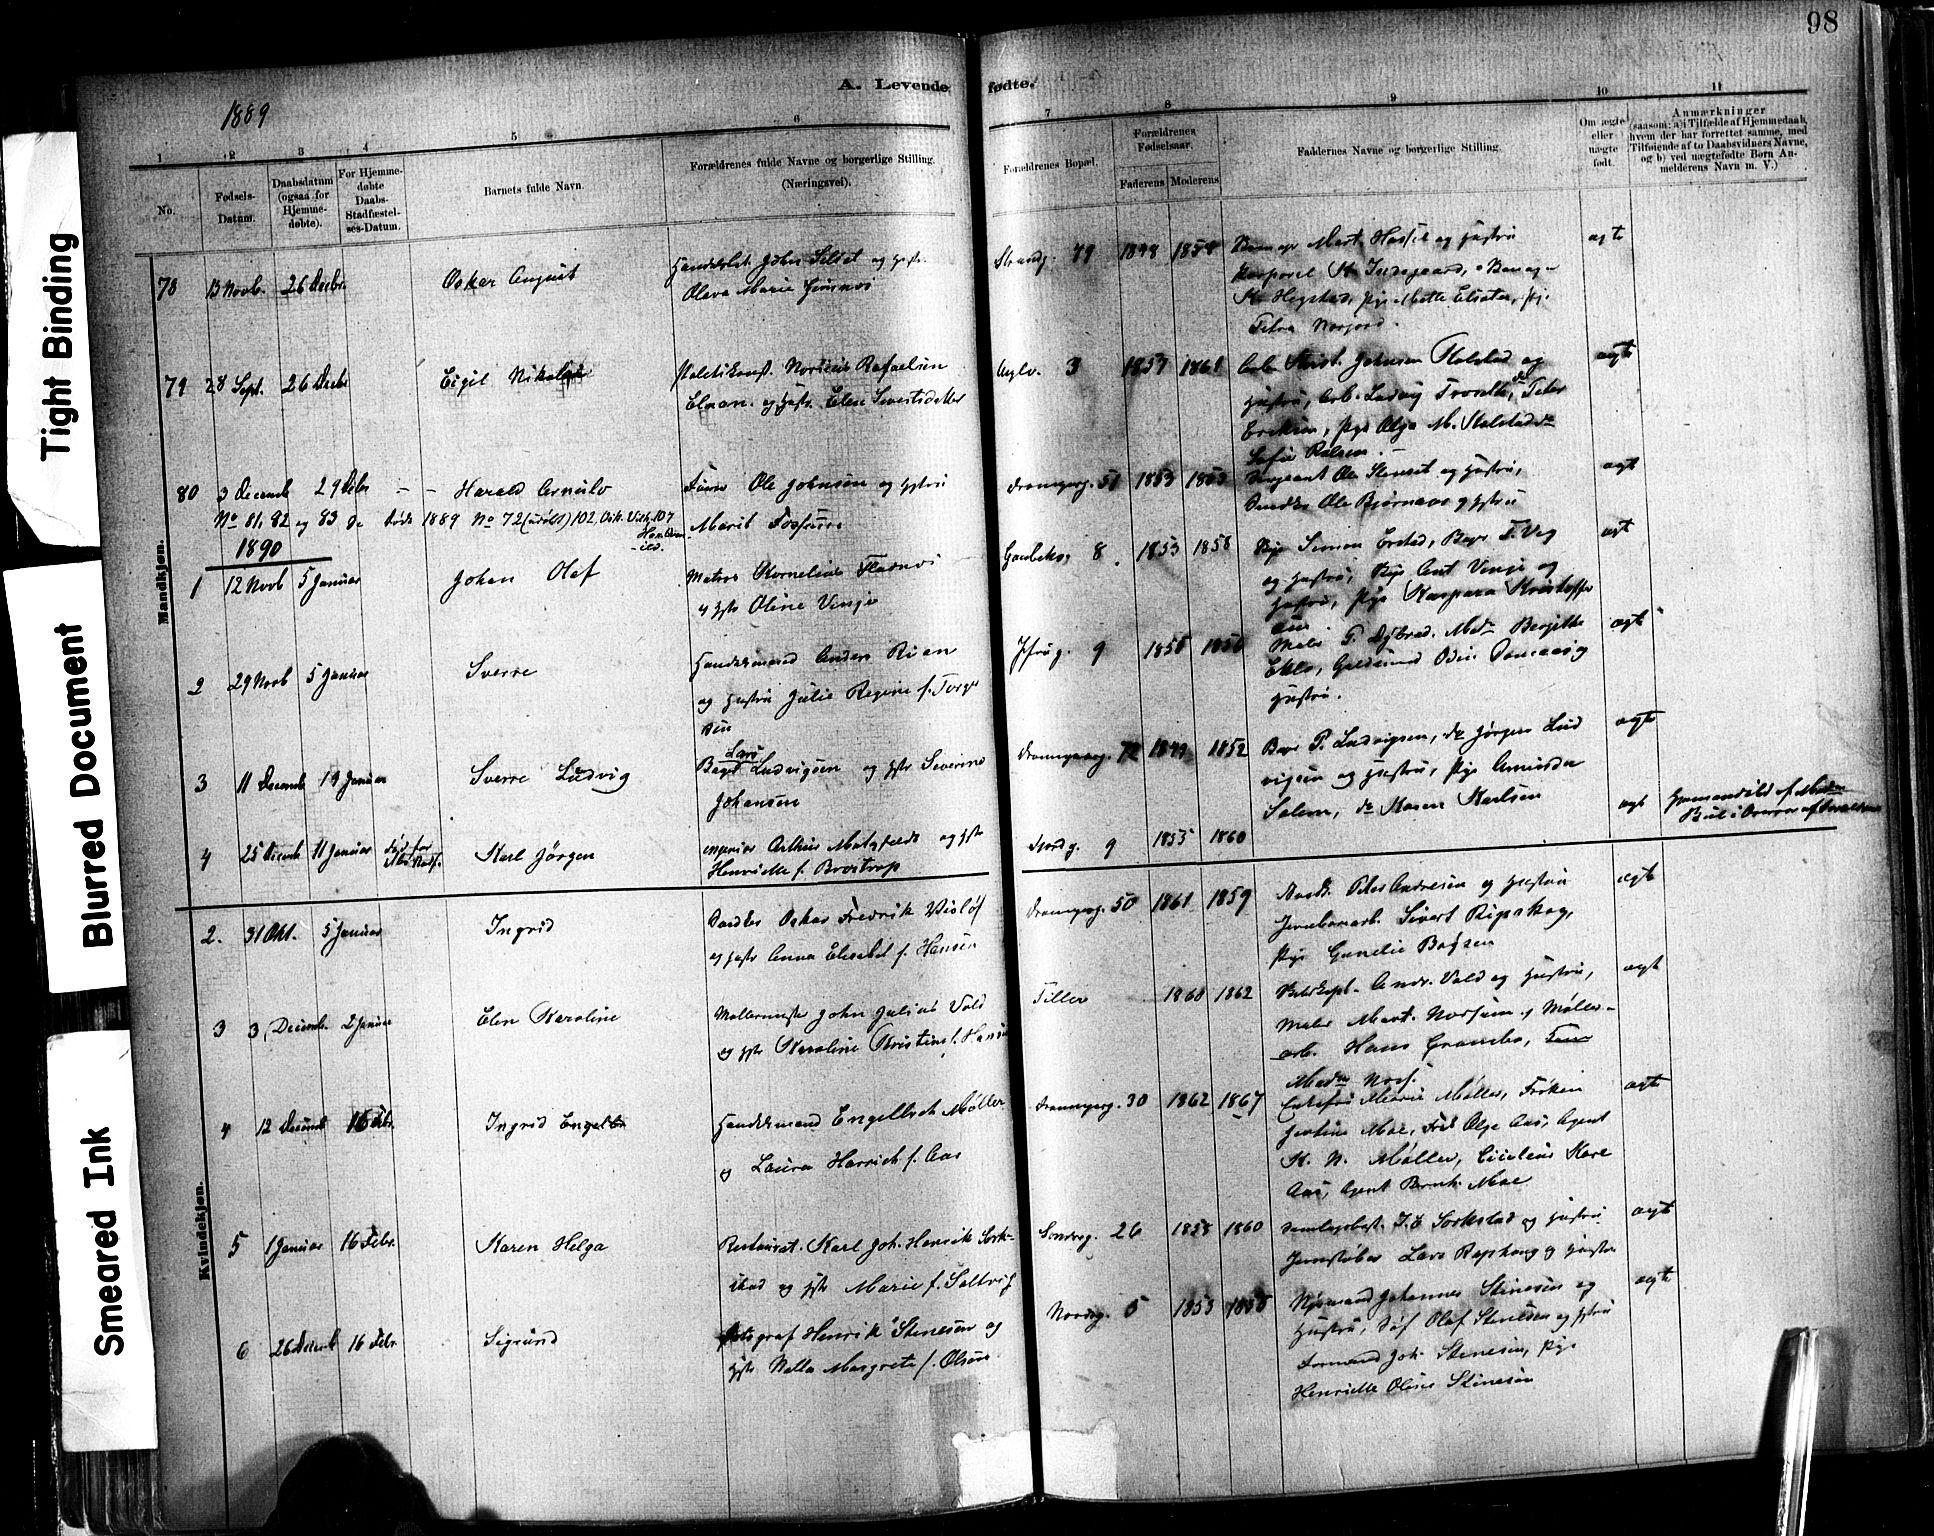 SAT, Ministerialprotokoller, klokkerbøker og fødselsregistre - Sør-Trøndelag, 602/L0119: Ministerialbok nr. 602A17, 1880-1901, s. 98